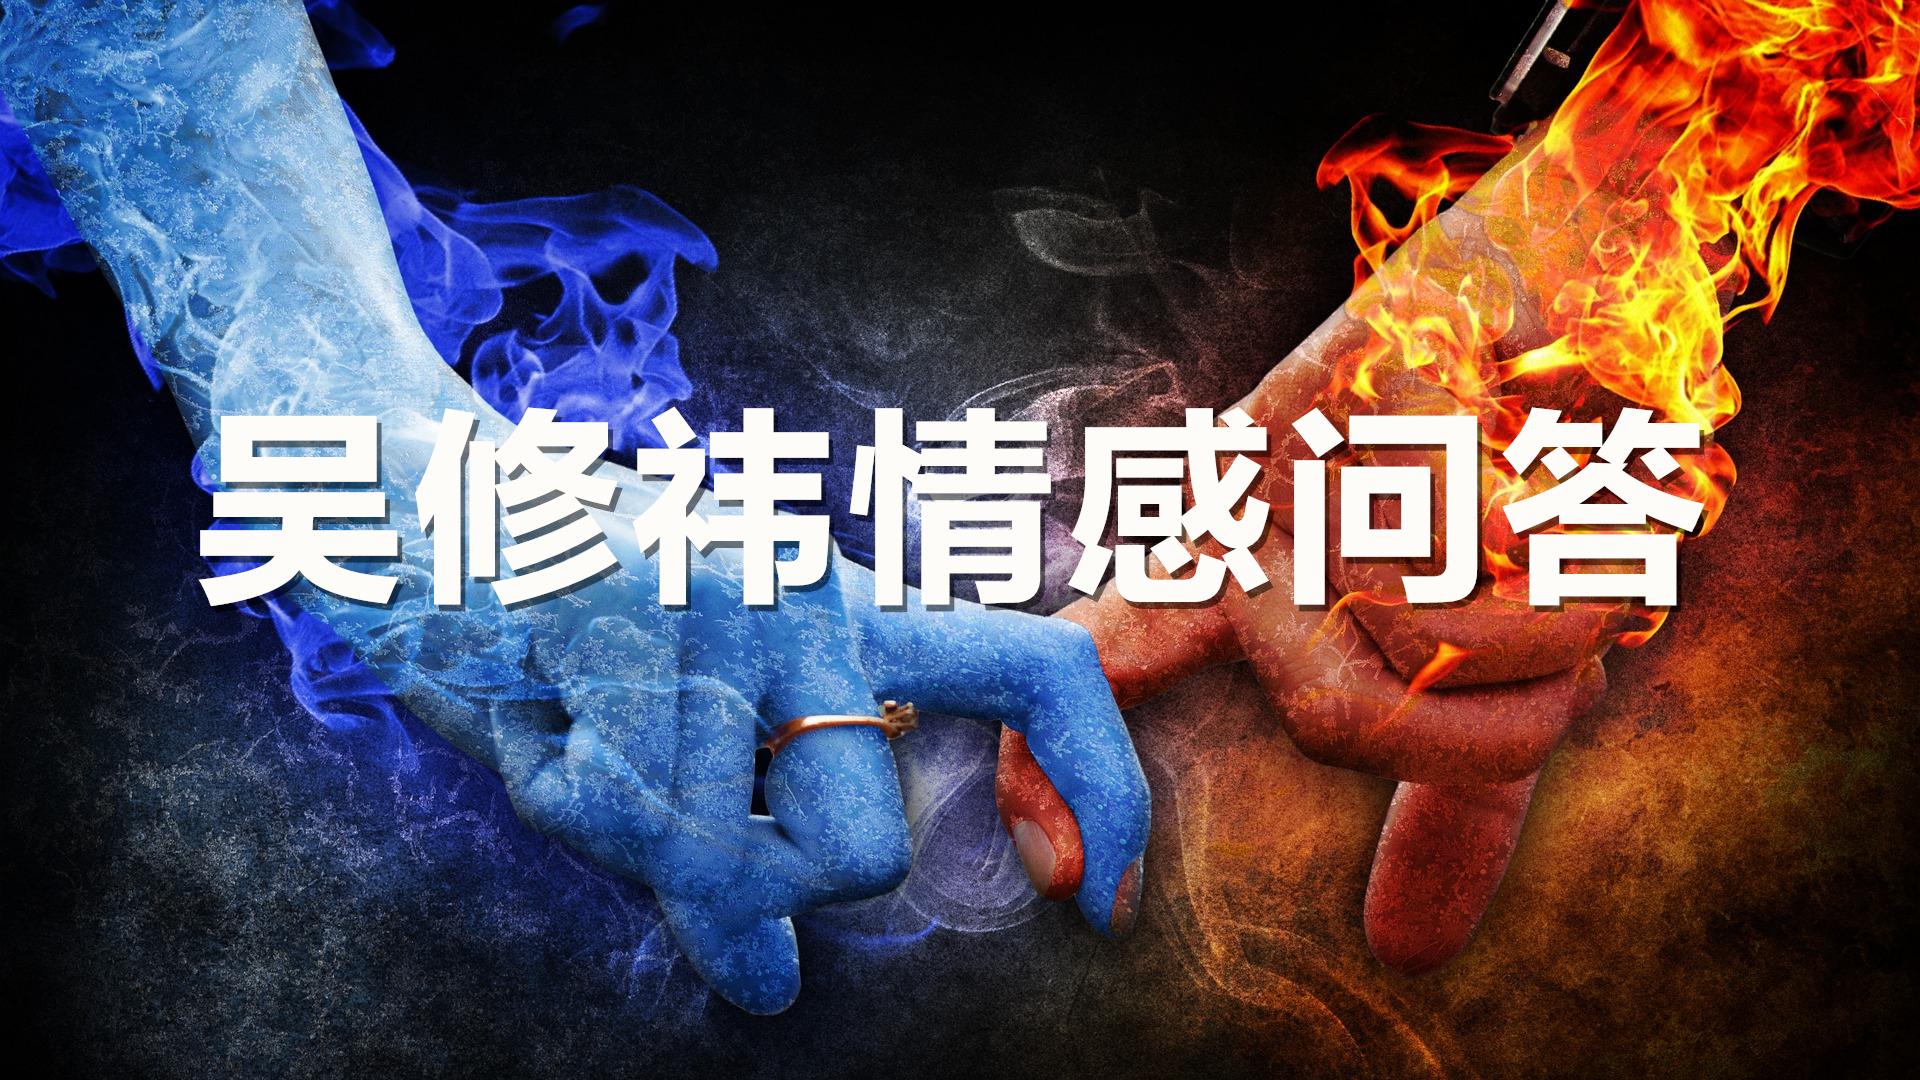 吴修祎塔罗牌测试:在前任眼中你会是一个怎样的人呢?